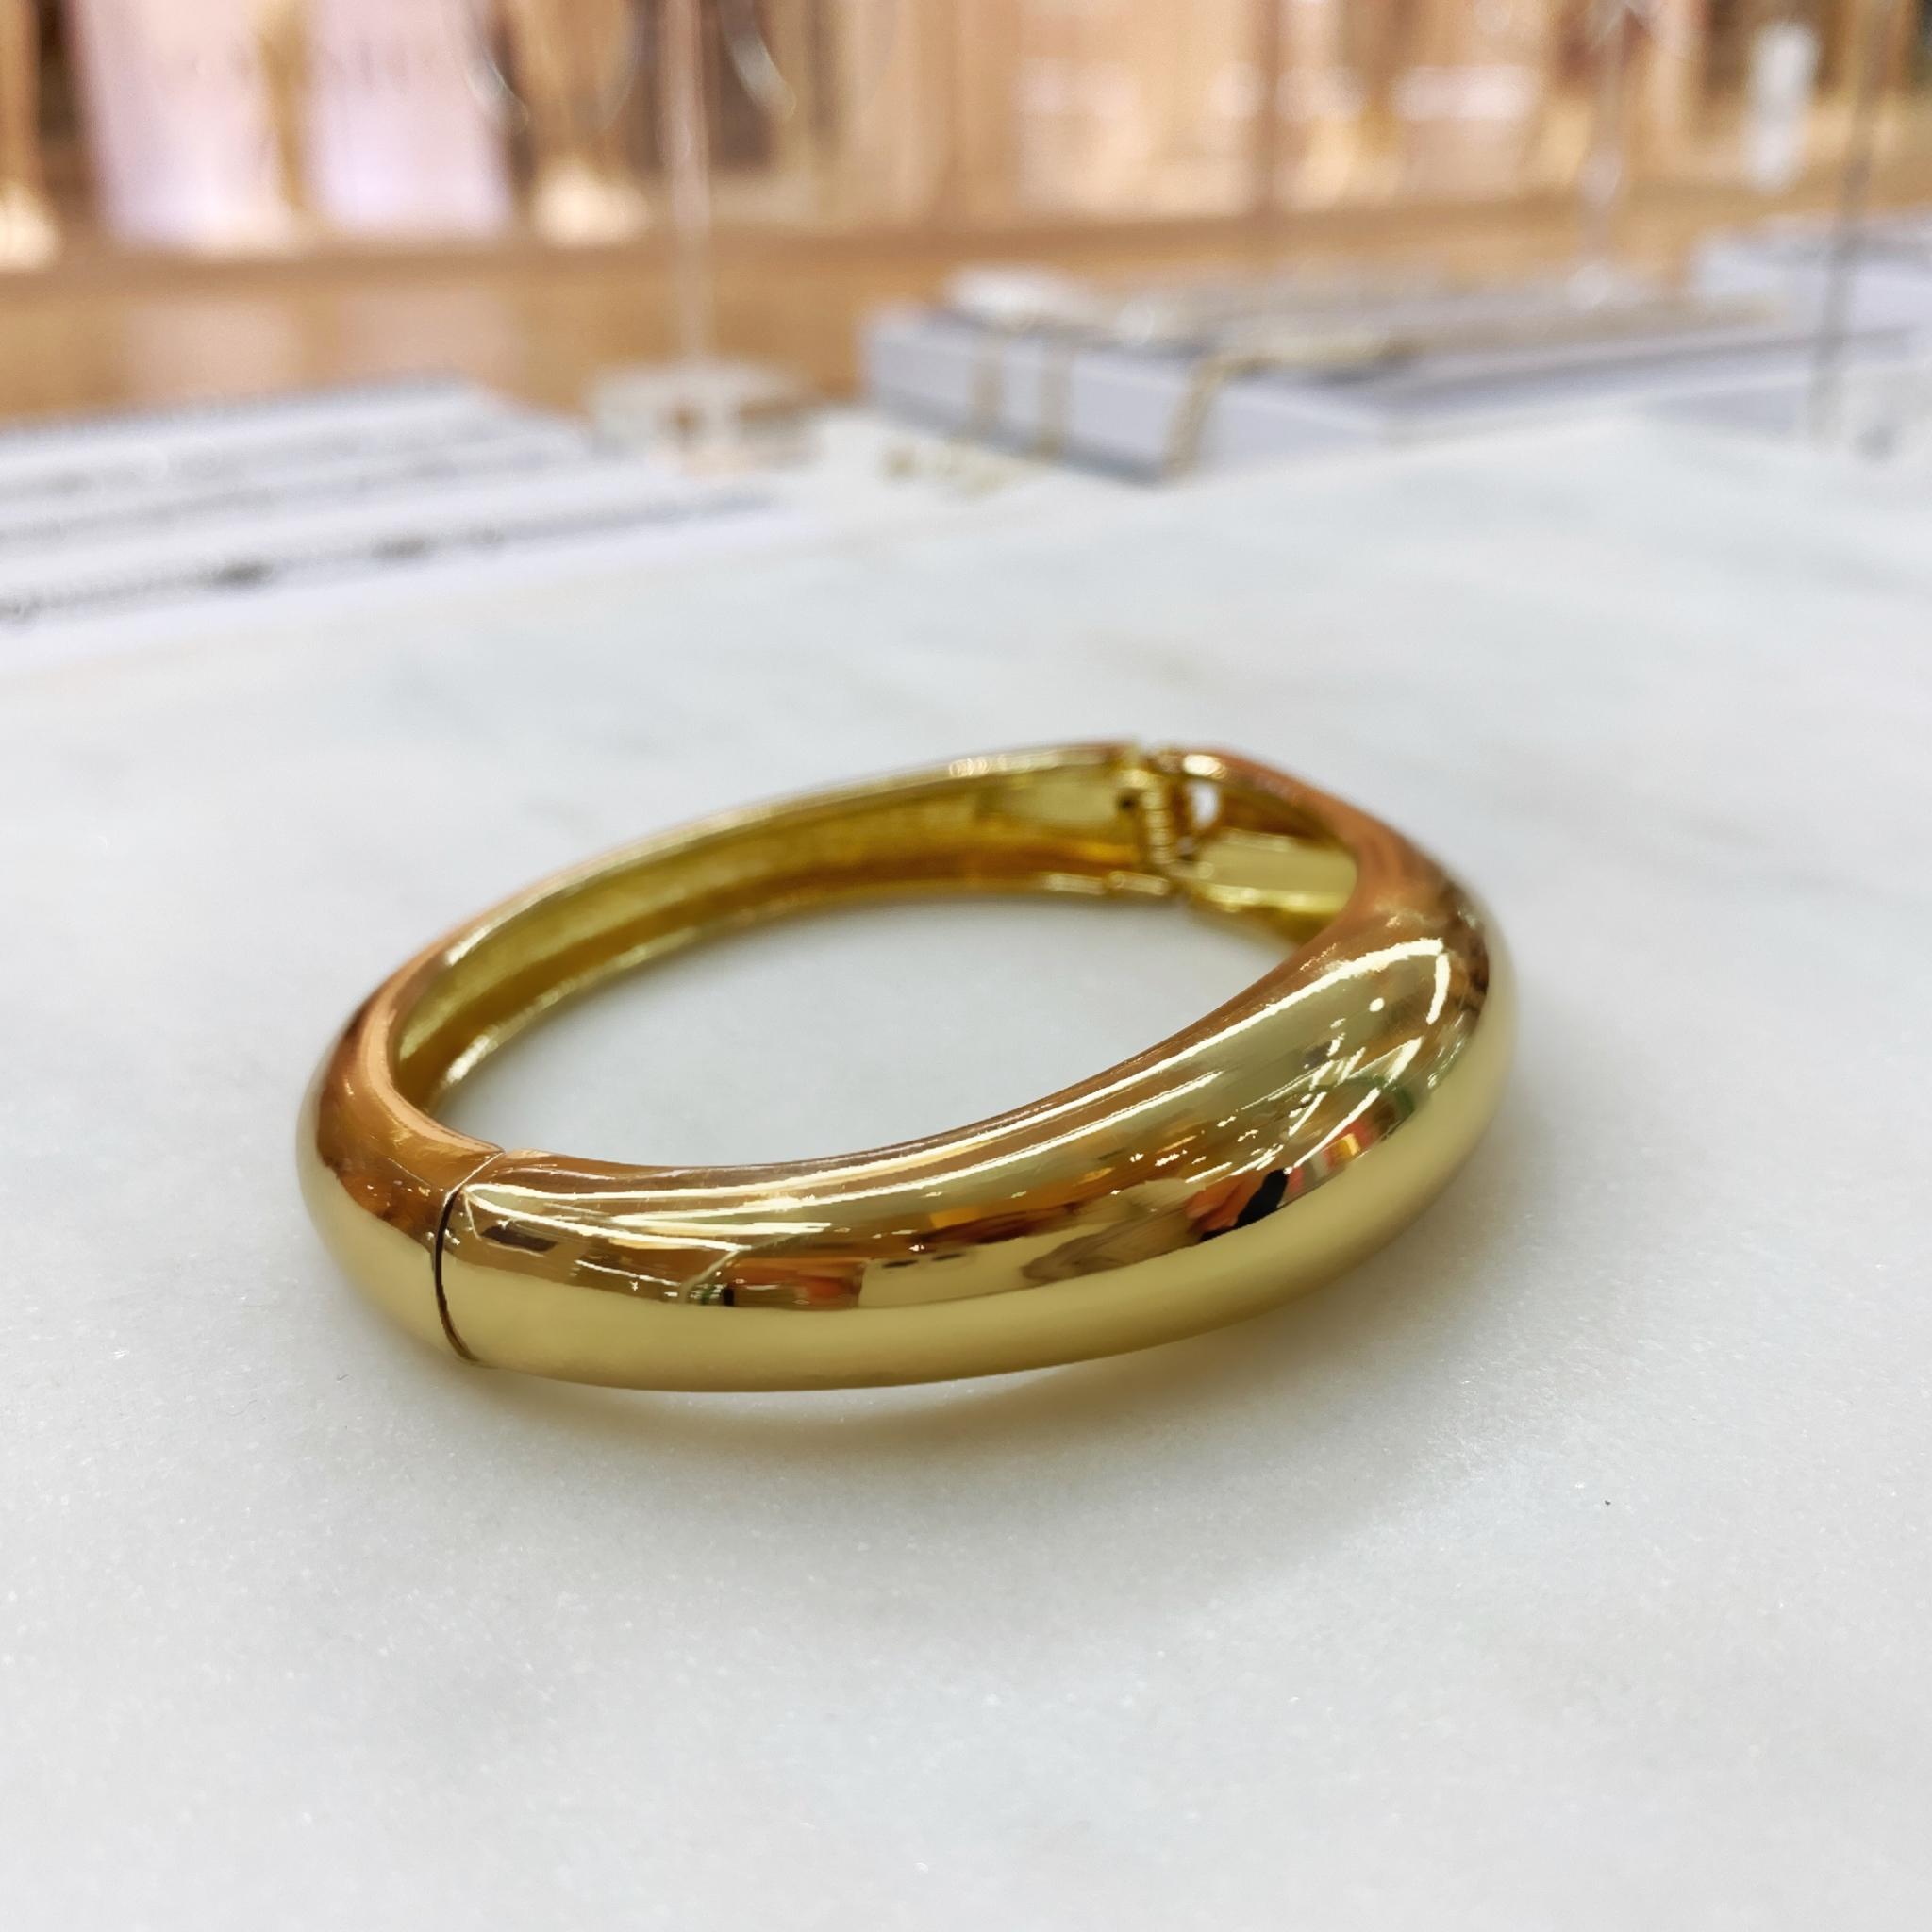 Браслет-обруч базовый глянцевый (золотистый)